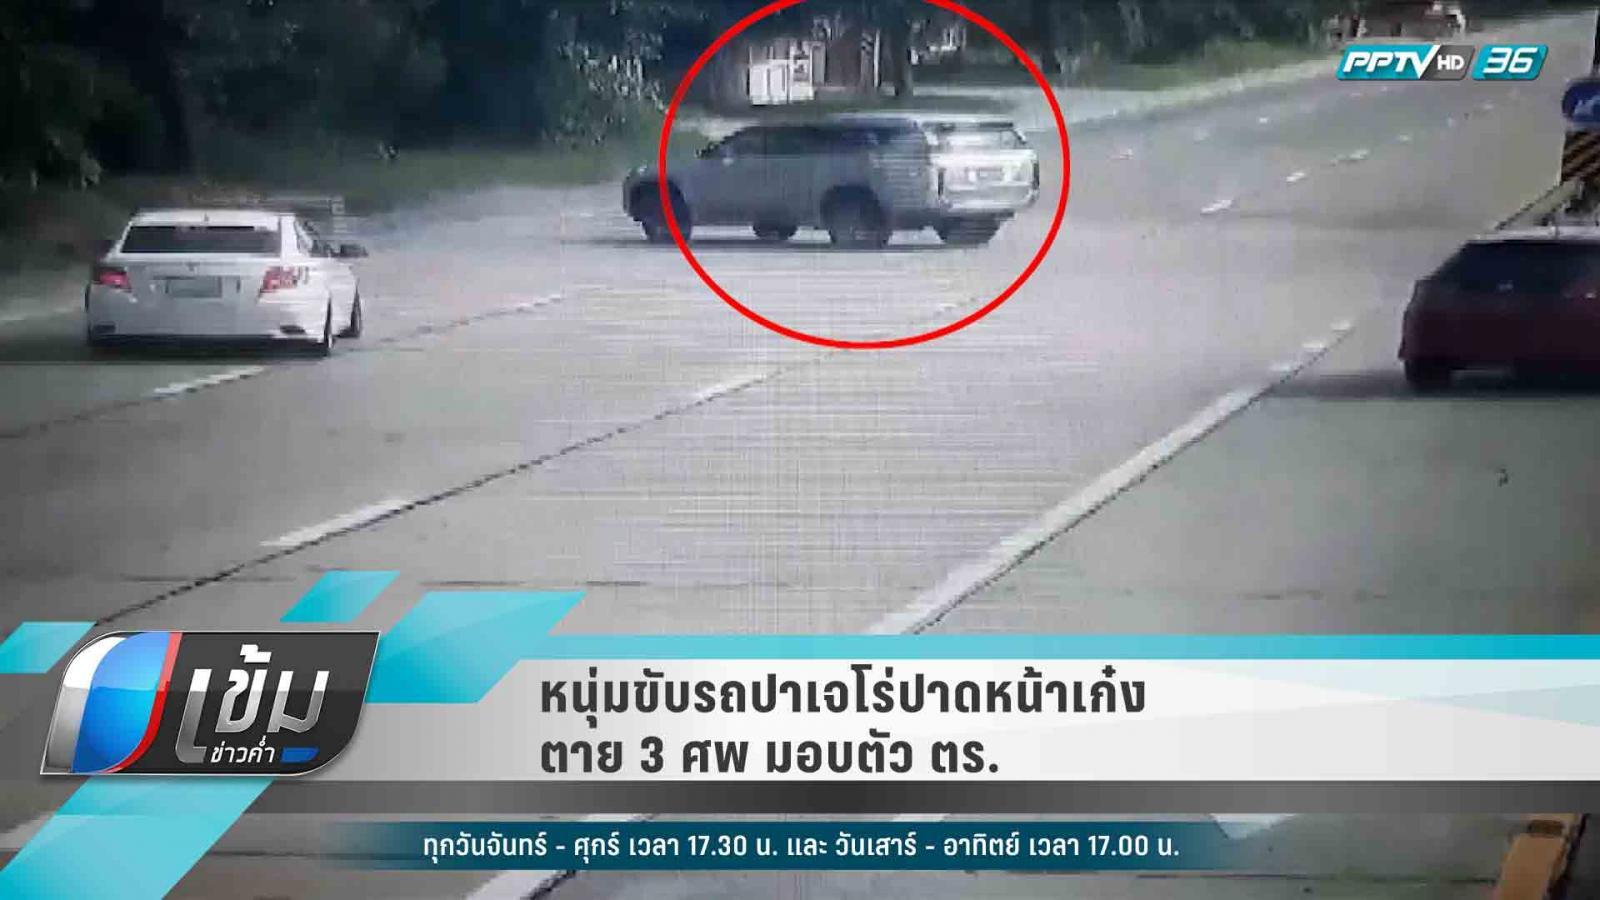 หนุ่มขับรถปาเจโร่ปาดหน้าเก๋ง ตาย 3 ศพมอบตัวกับตร.